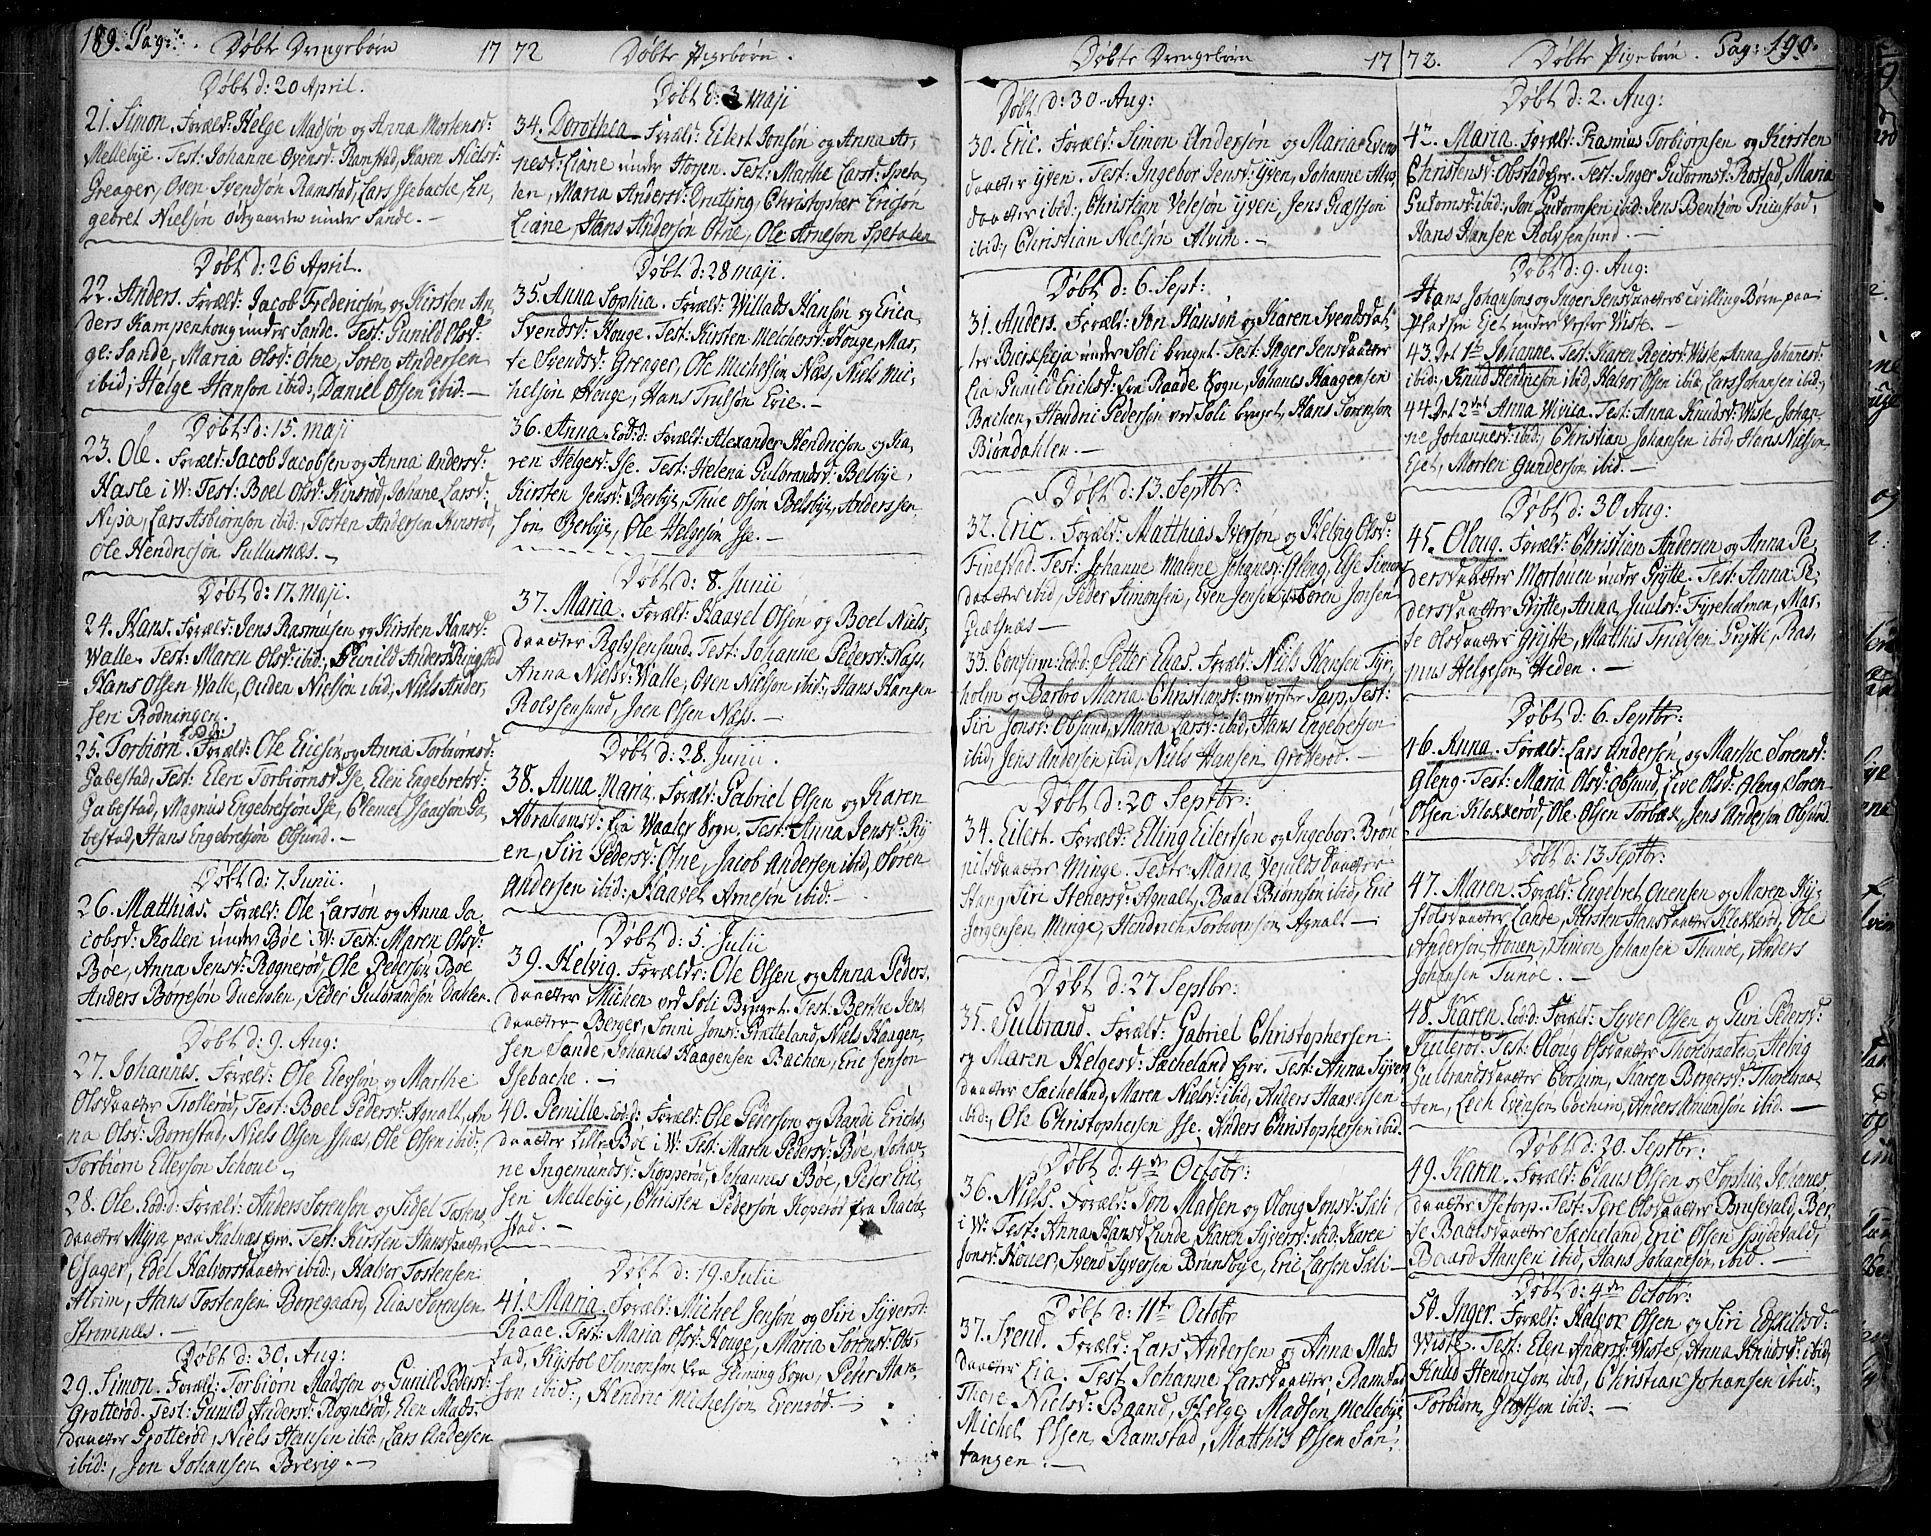 SAO, Tune prestekontor Kirkebøker, F/Fa/L0002: Ministerialbok nr. 2, 1758-1781, s. 189-190